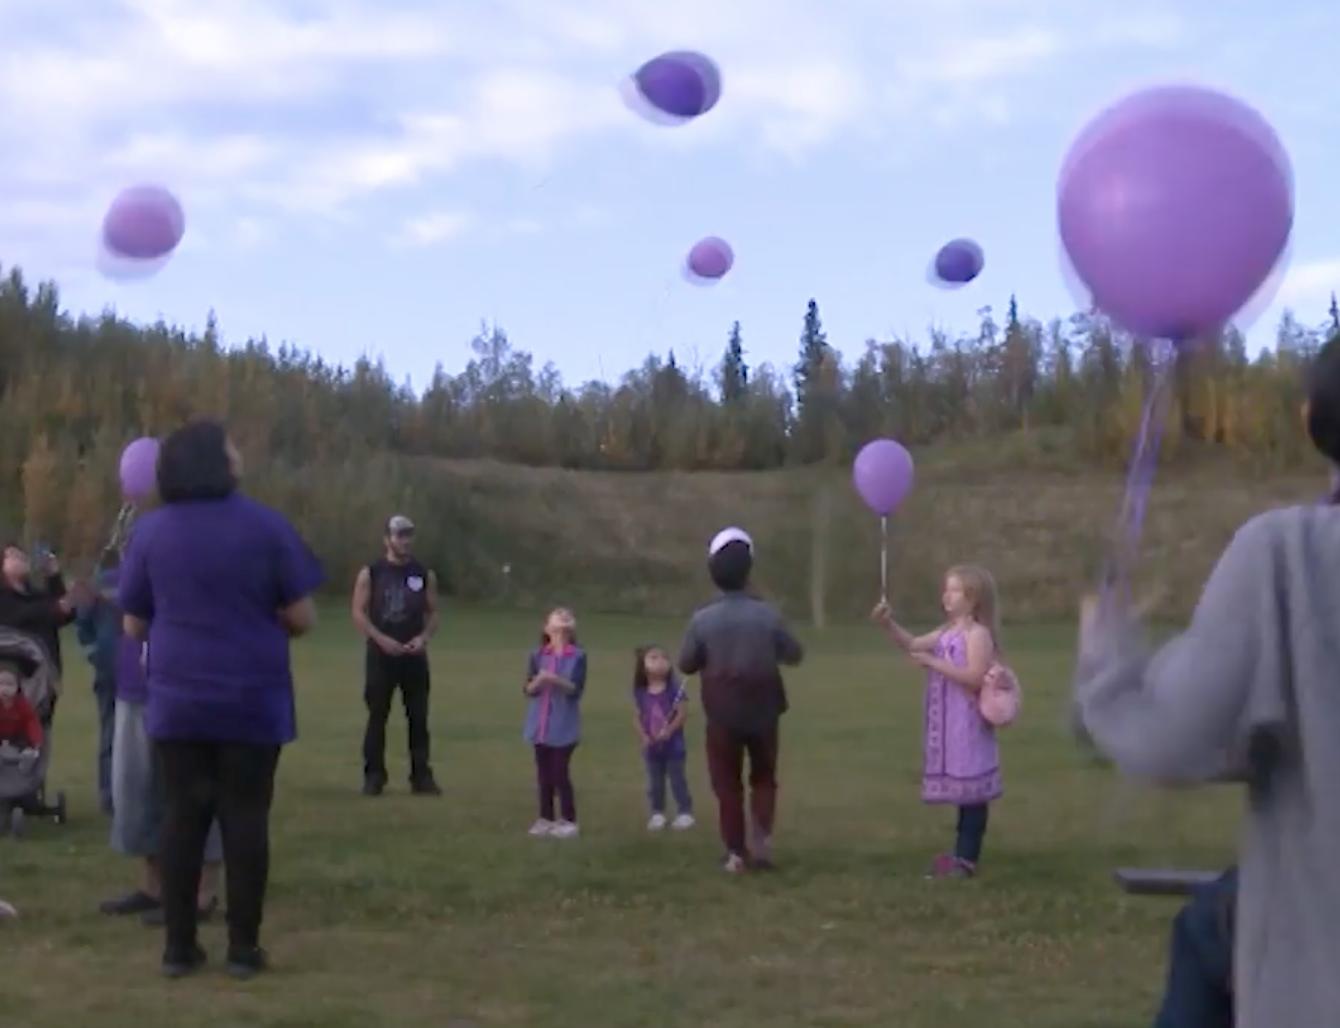 En la vigilia en memoria de Ashley soltaron al cielo globos púrpura, el color preferido de ella